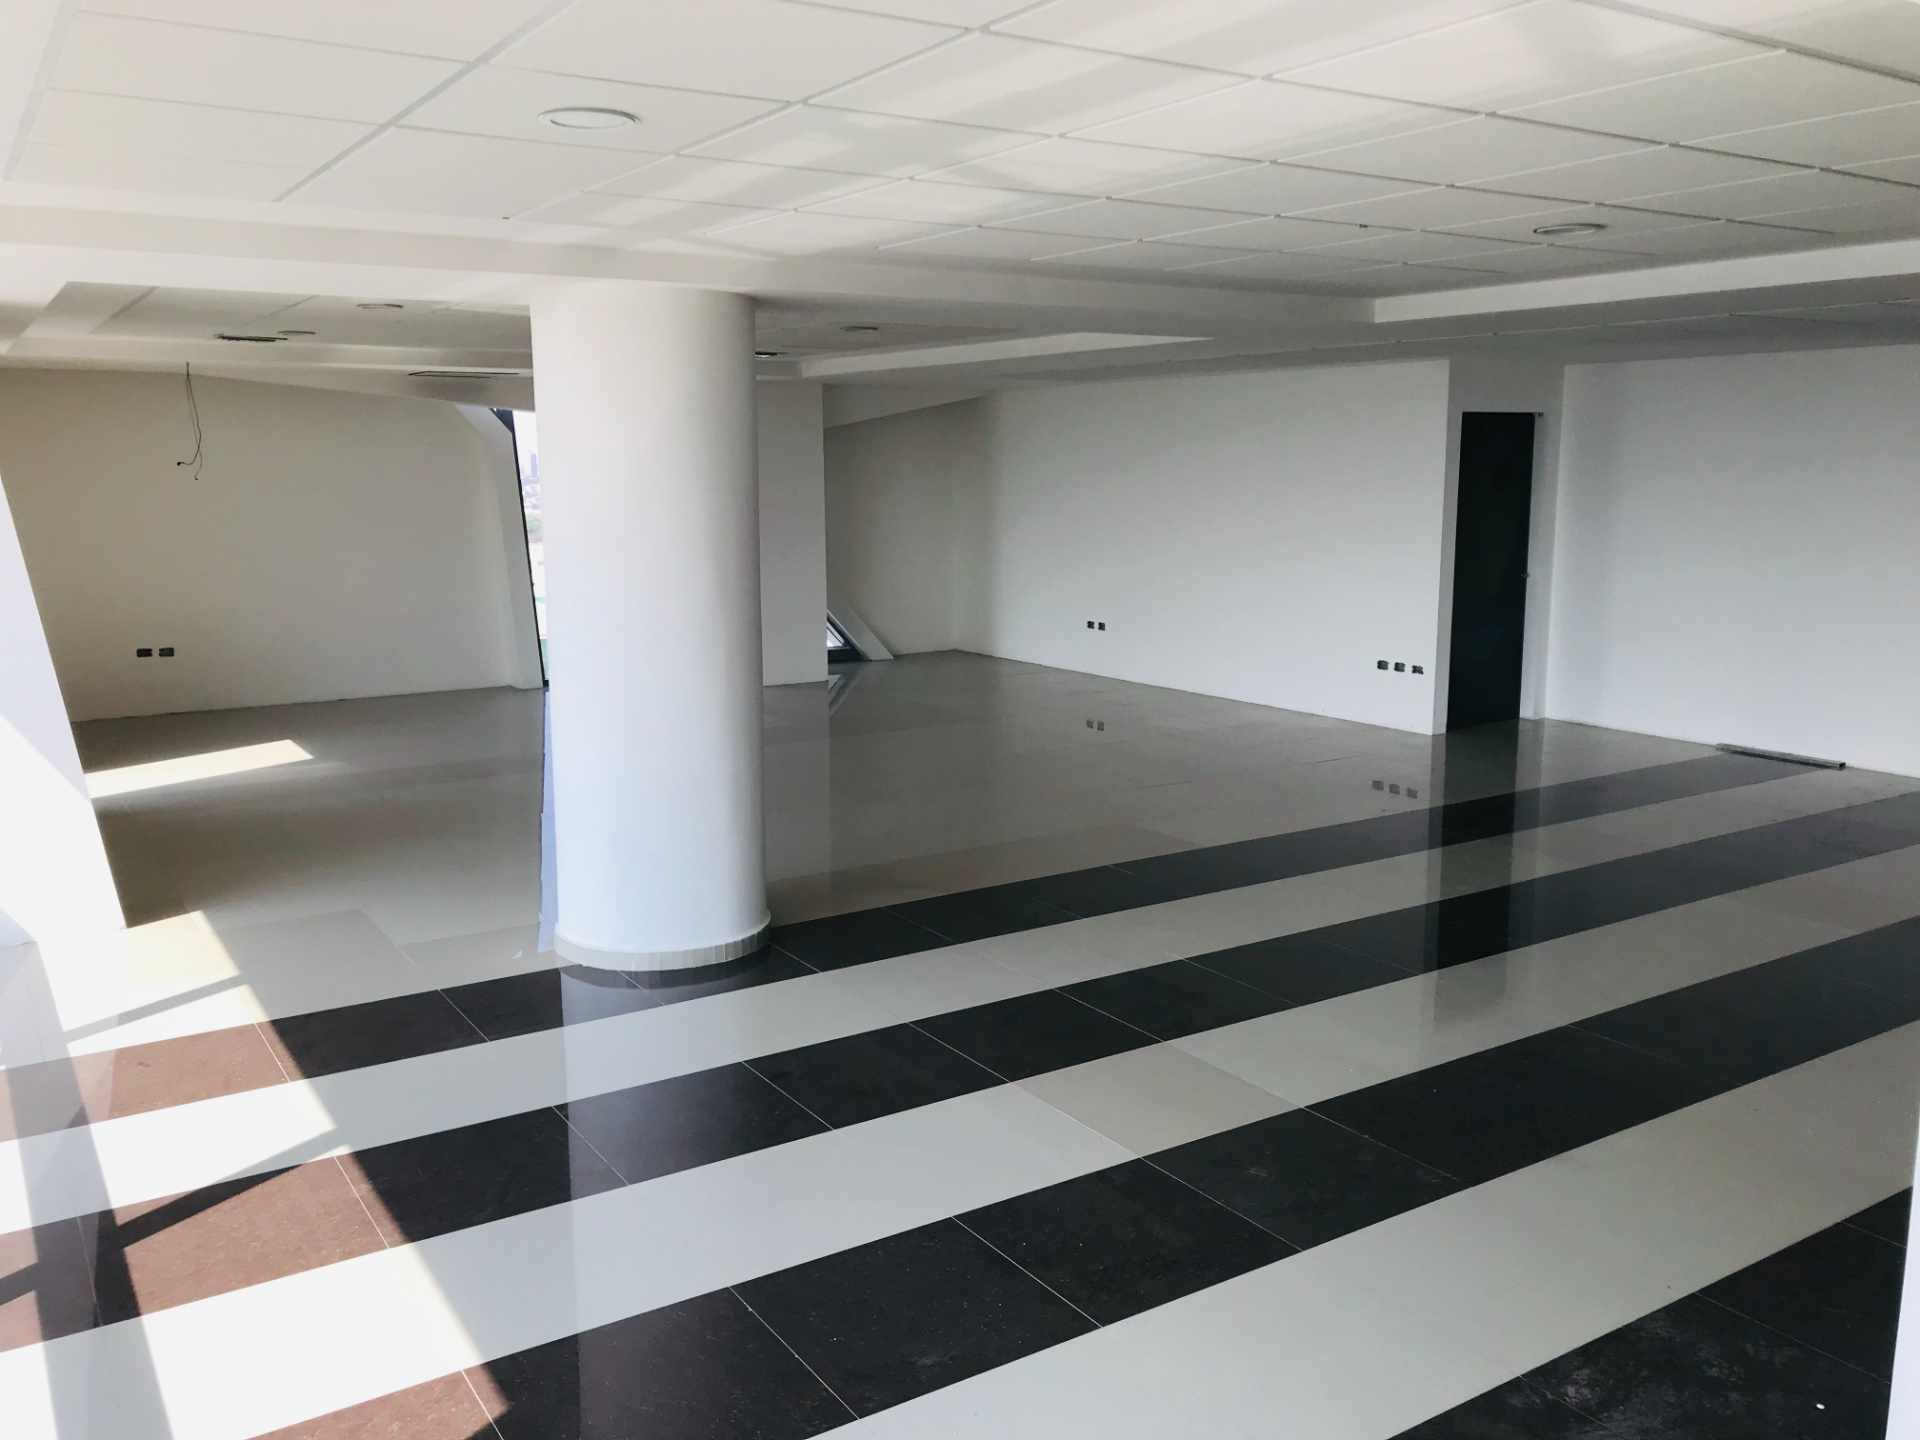 Oficina en Venta Torre de Negocios ALAS. Equipetrol Norte zona Empresarial, Av. San Martín entre 3er y 4to anillo.  Foto 14